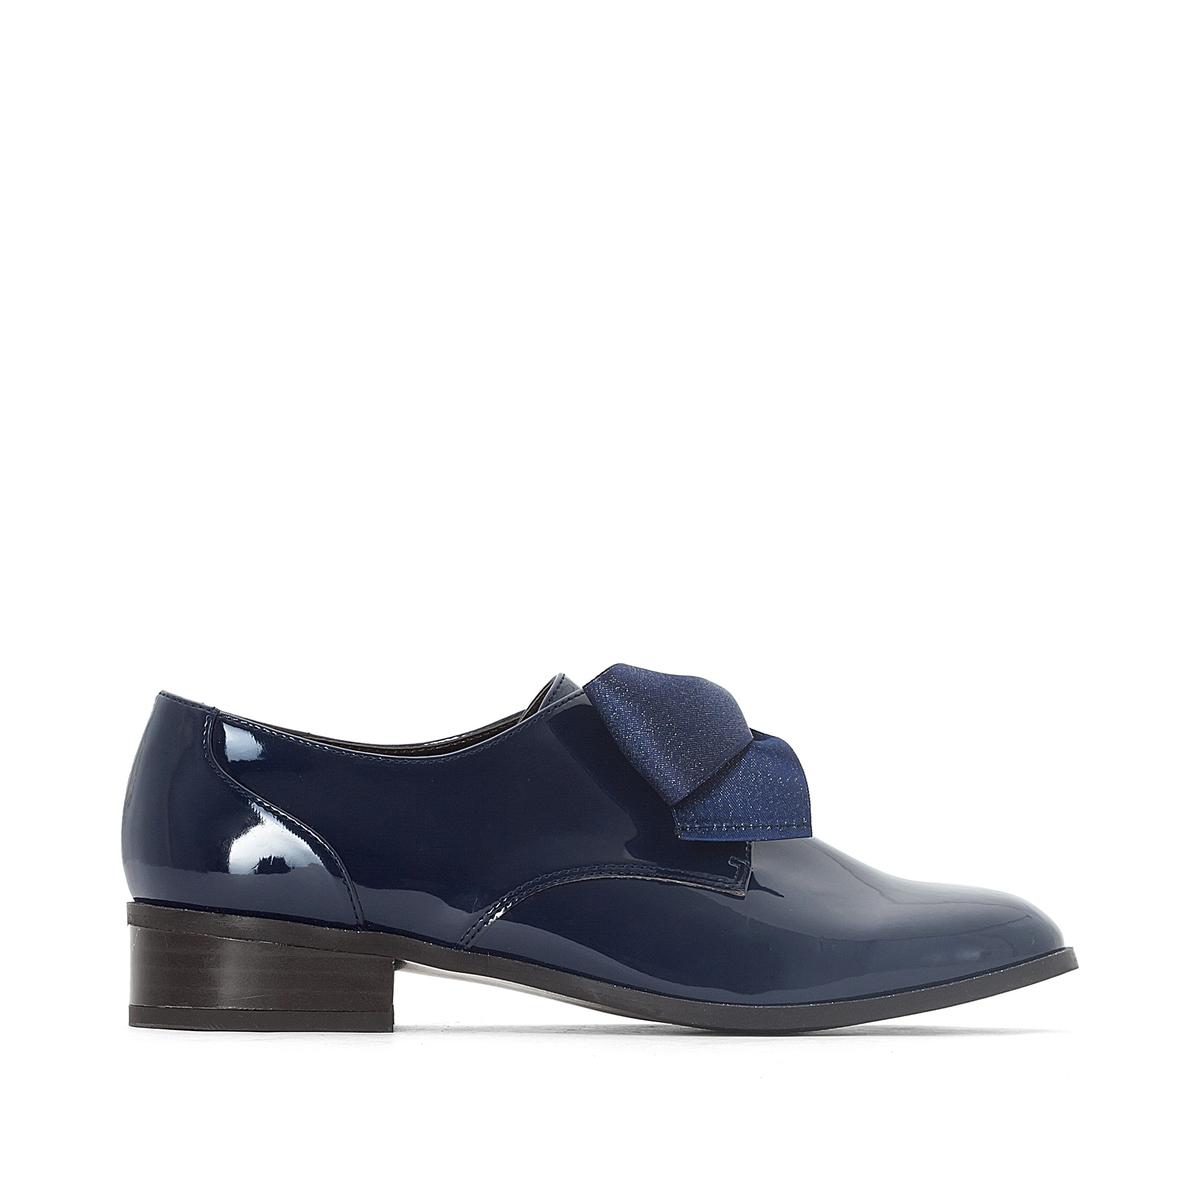 Ботинки-дерби с большим бантом ботинки дерби под кожу питона